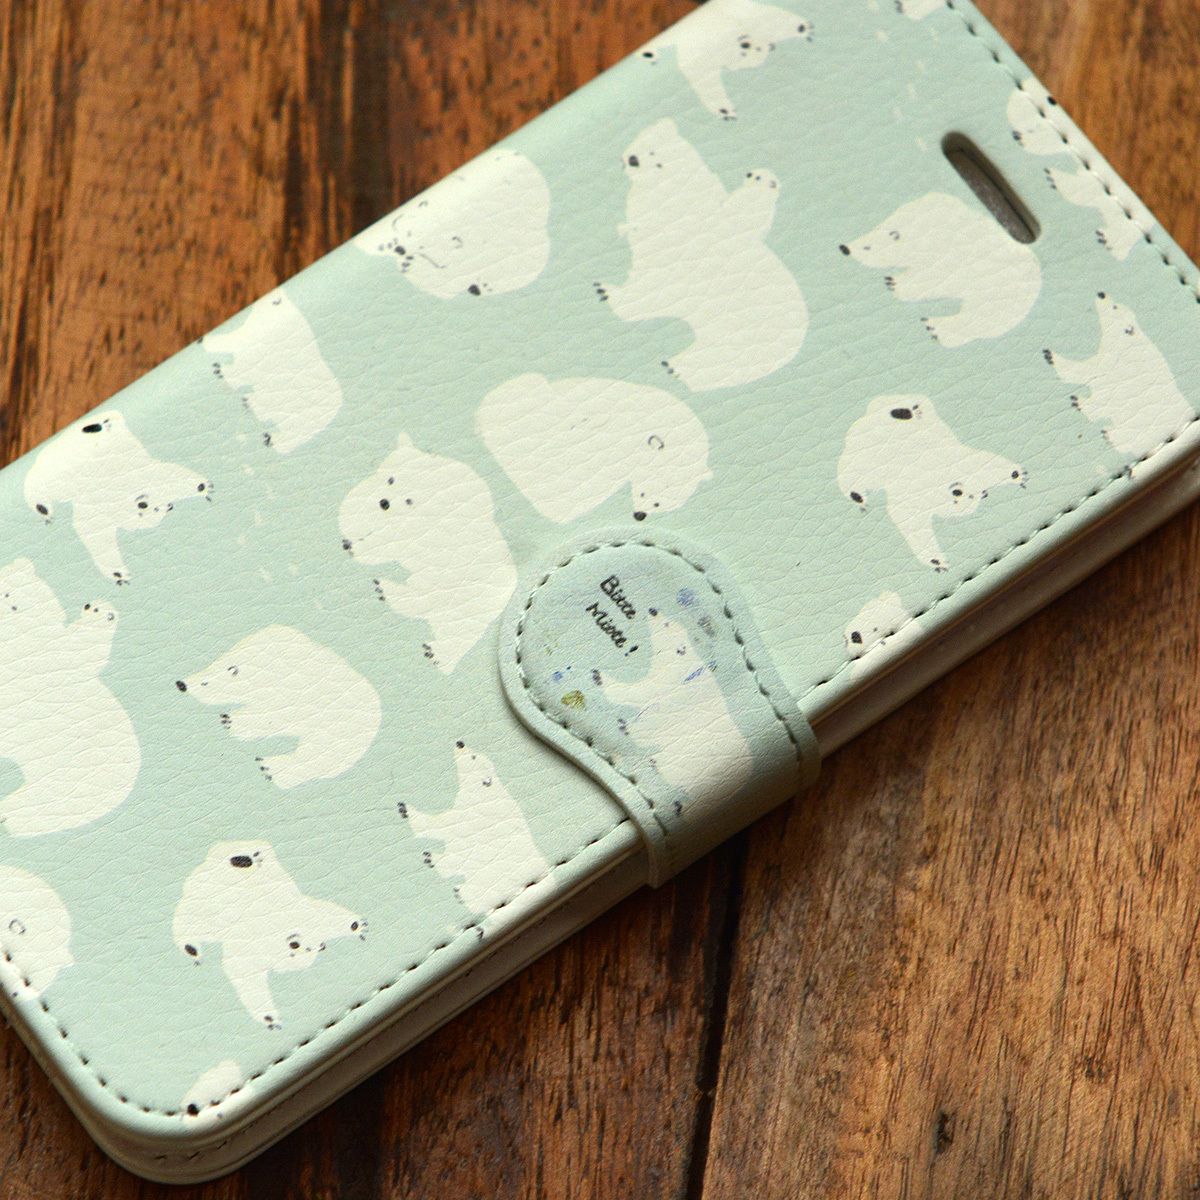 【訳あり】アイフォン7 ケース 手帳 かわいい iphone7 ケース かわいい シンプル iphone7 ケース 手帳 大人かわいい しろくまの一日/Bitte Mitte!【bm-iph7t-10007-B2】